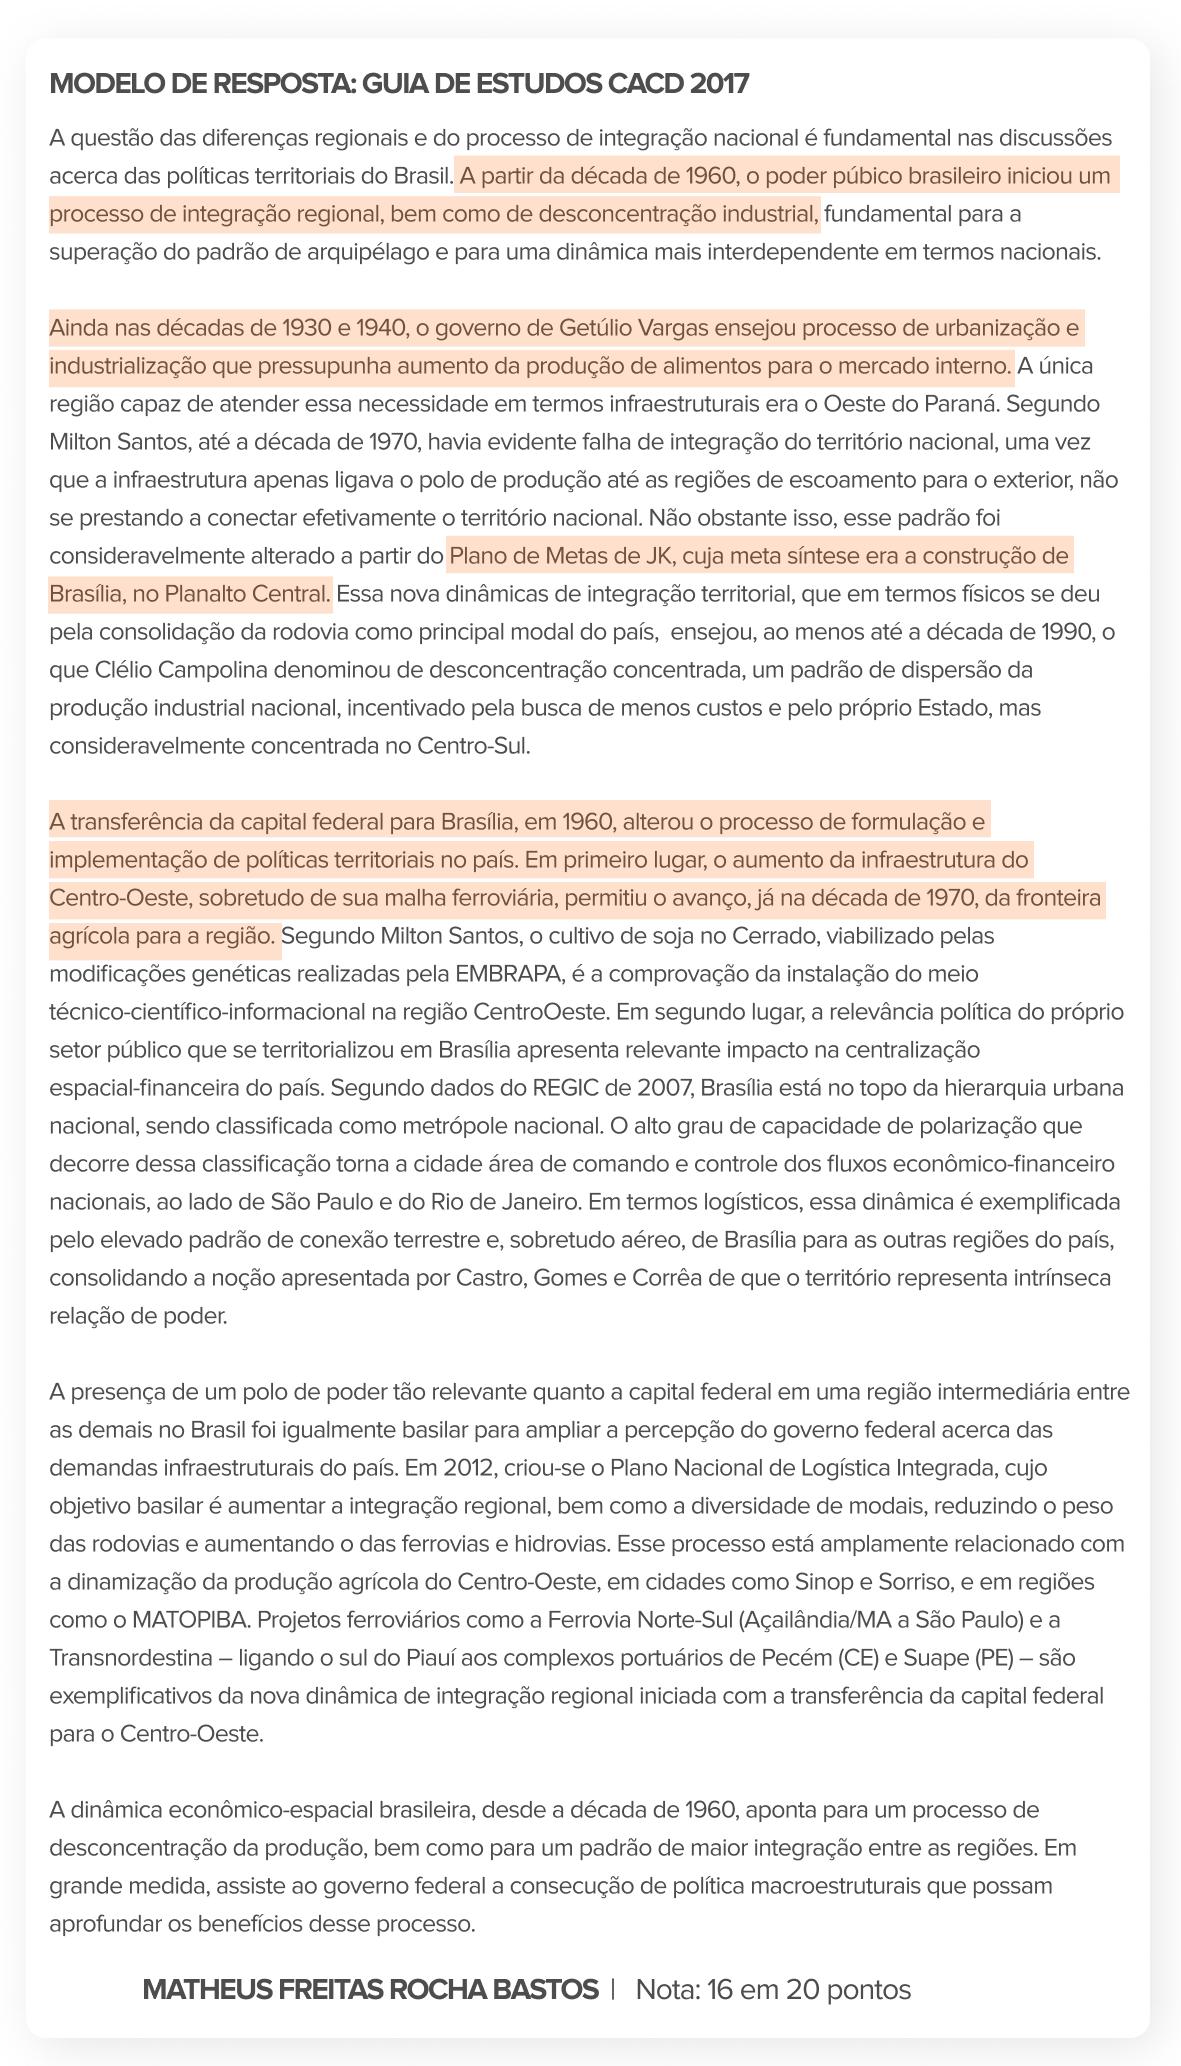 modelo-de-resposta-cacd-2017-guia-de-estudos